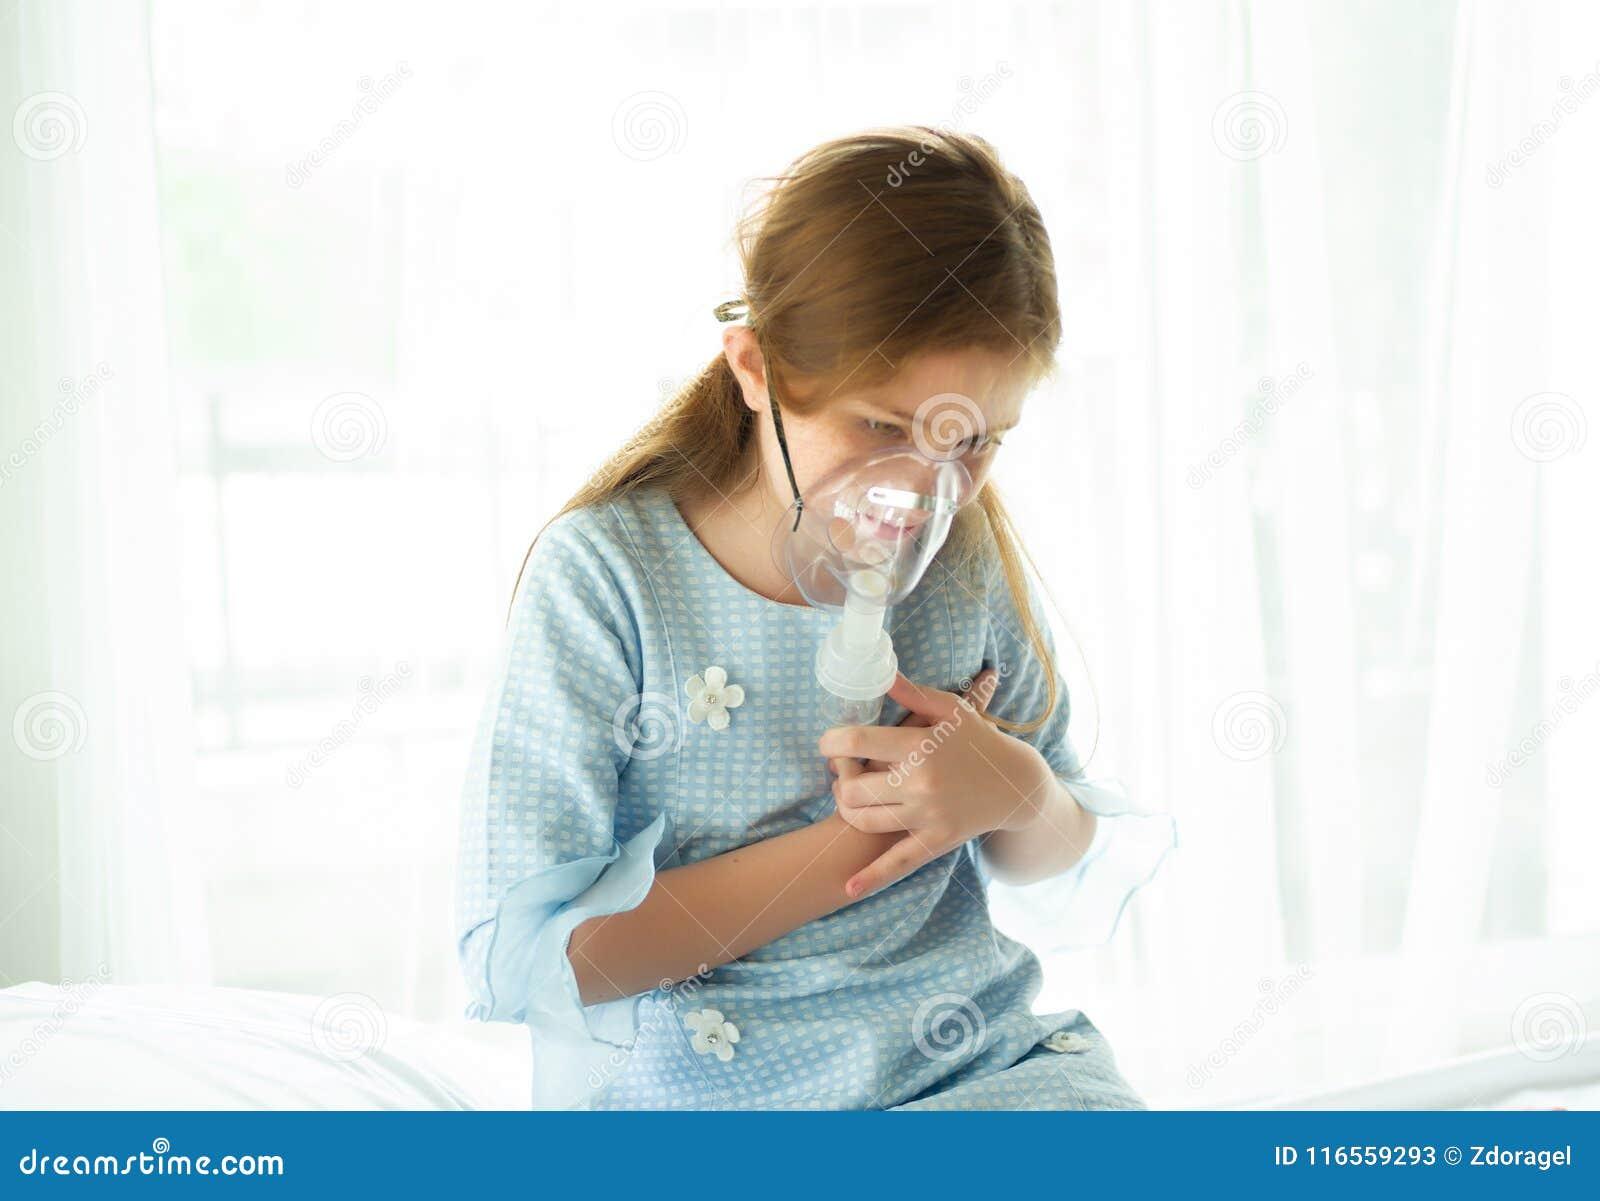 Kleines Mädchen ist, unter Verwendung des Inhalators und des Herzschmerzes ins Krankenhaus wa krank